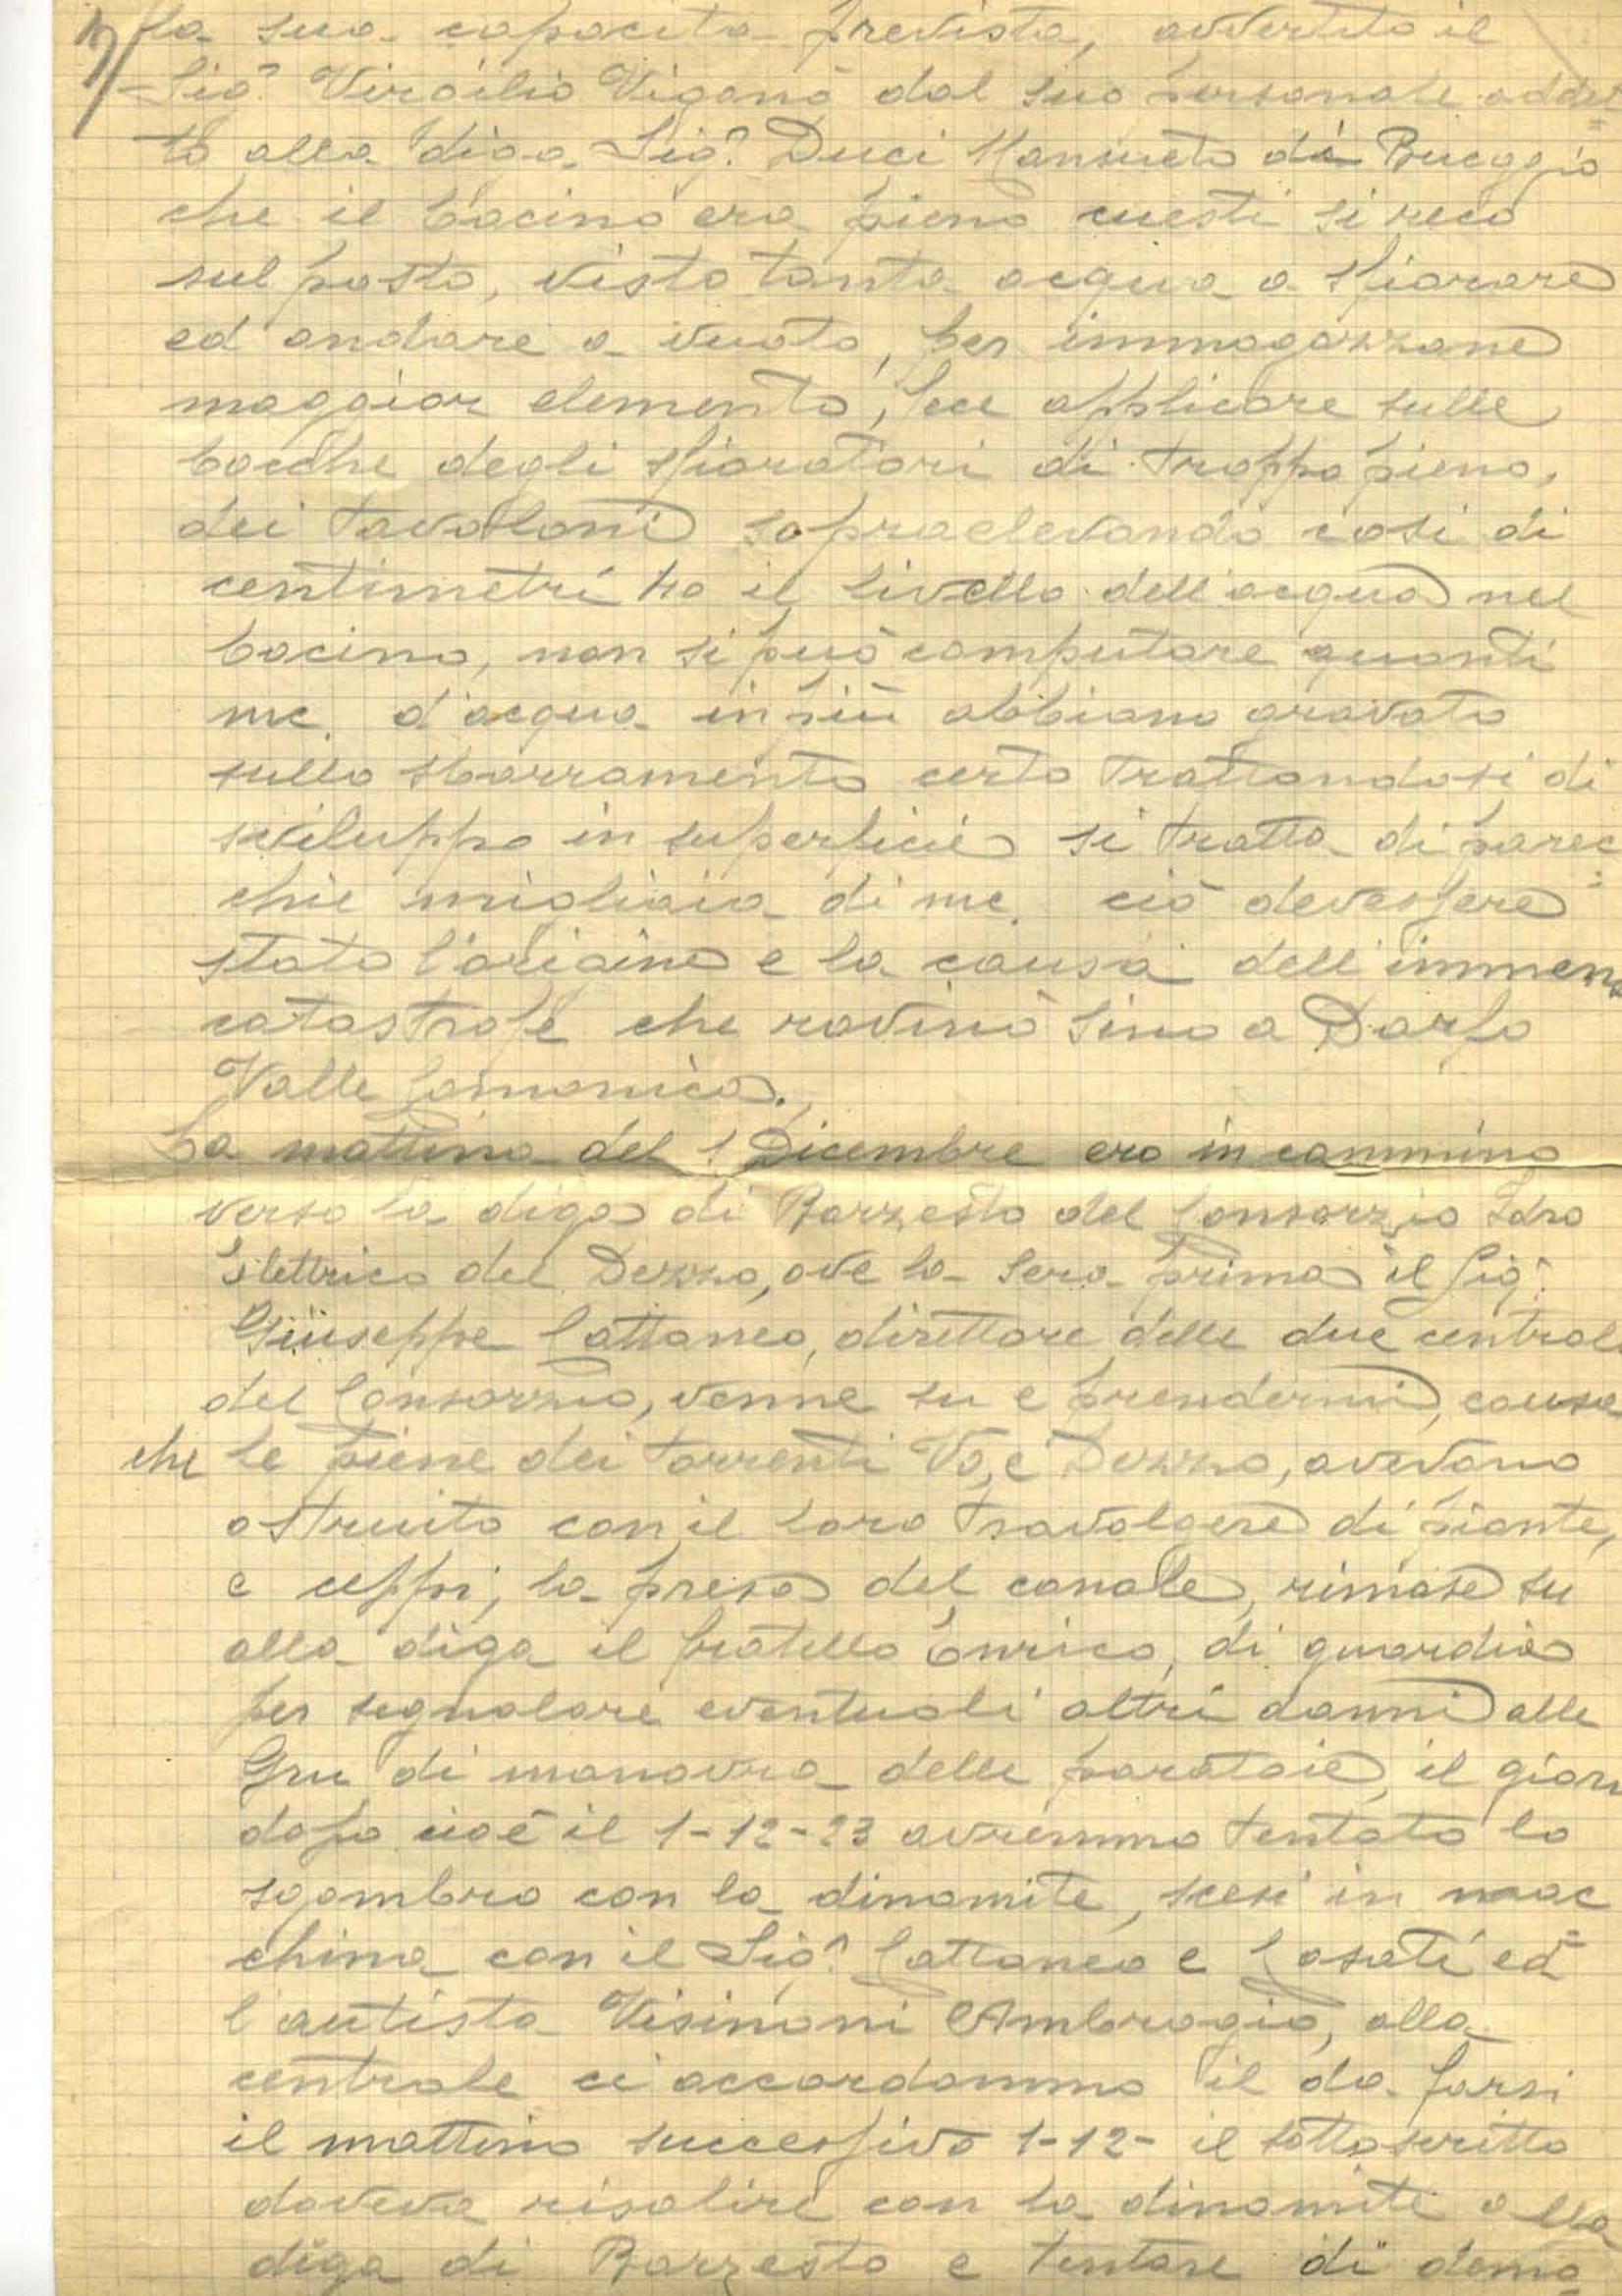 Lettera di Baldoni Angelo_03